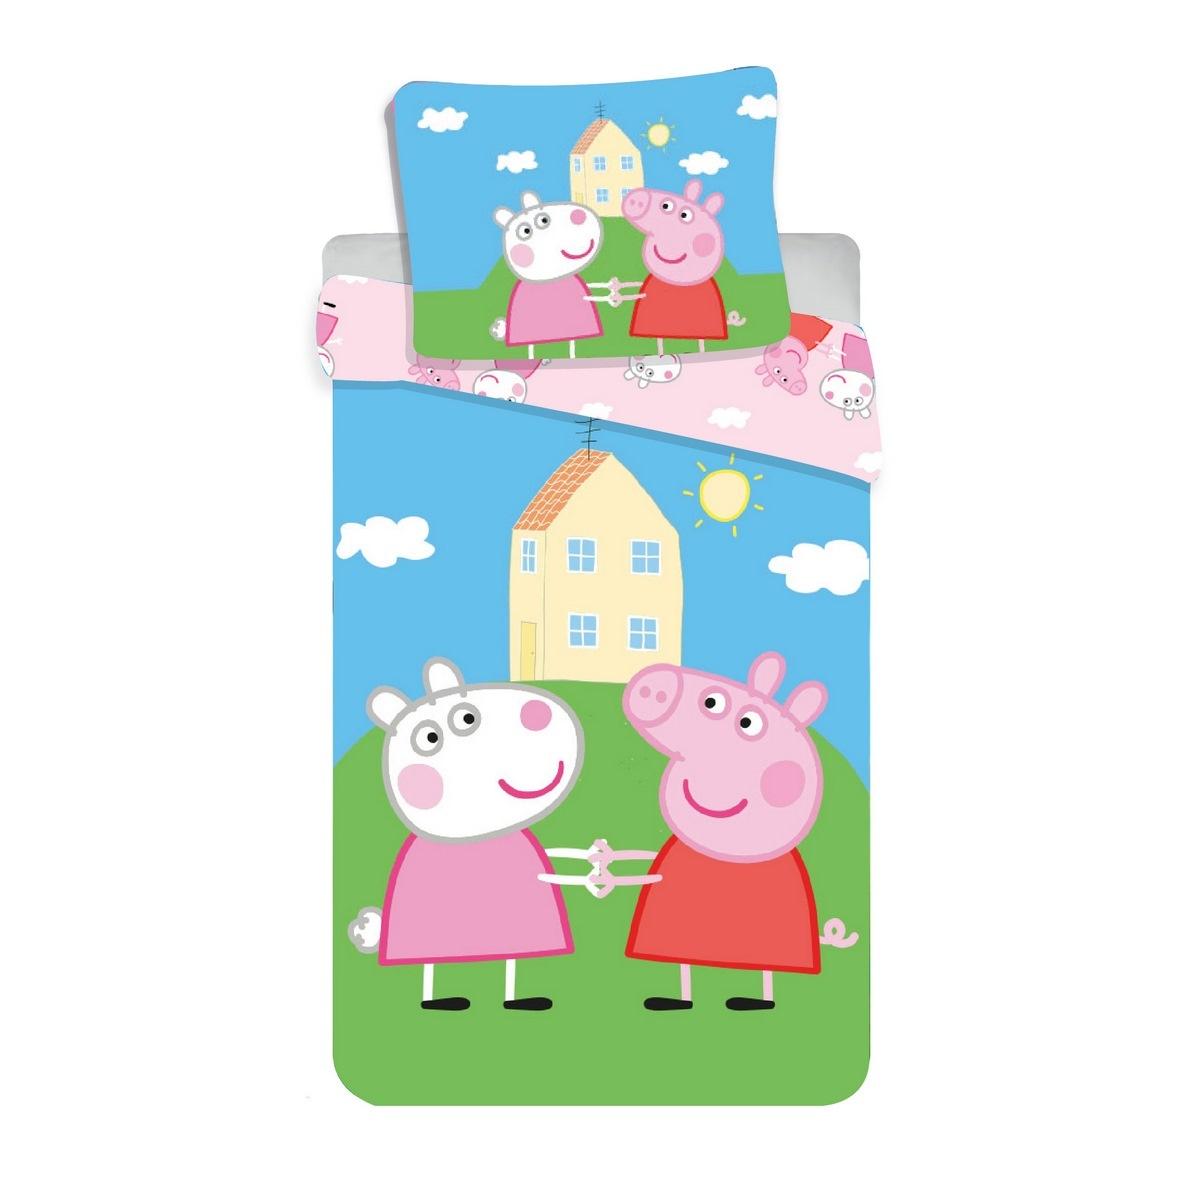 Jerry Fabrics Dětské bavlněné povlečení do postýlky Peppa Pig, 100 x 135 cm, 40 x 60 cm